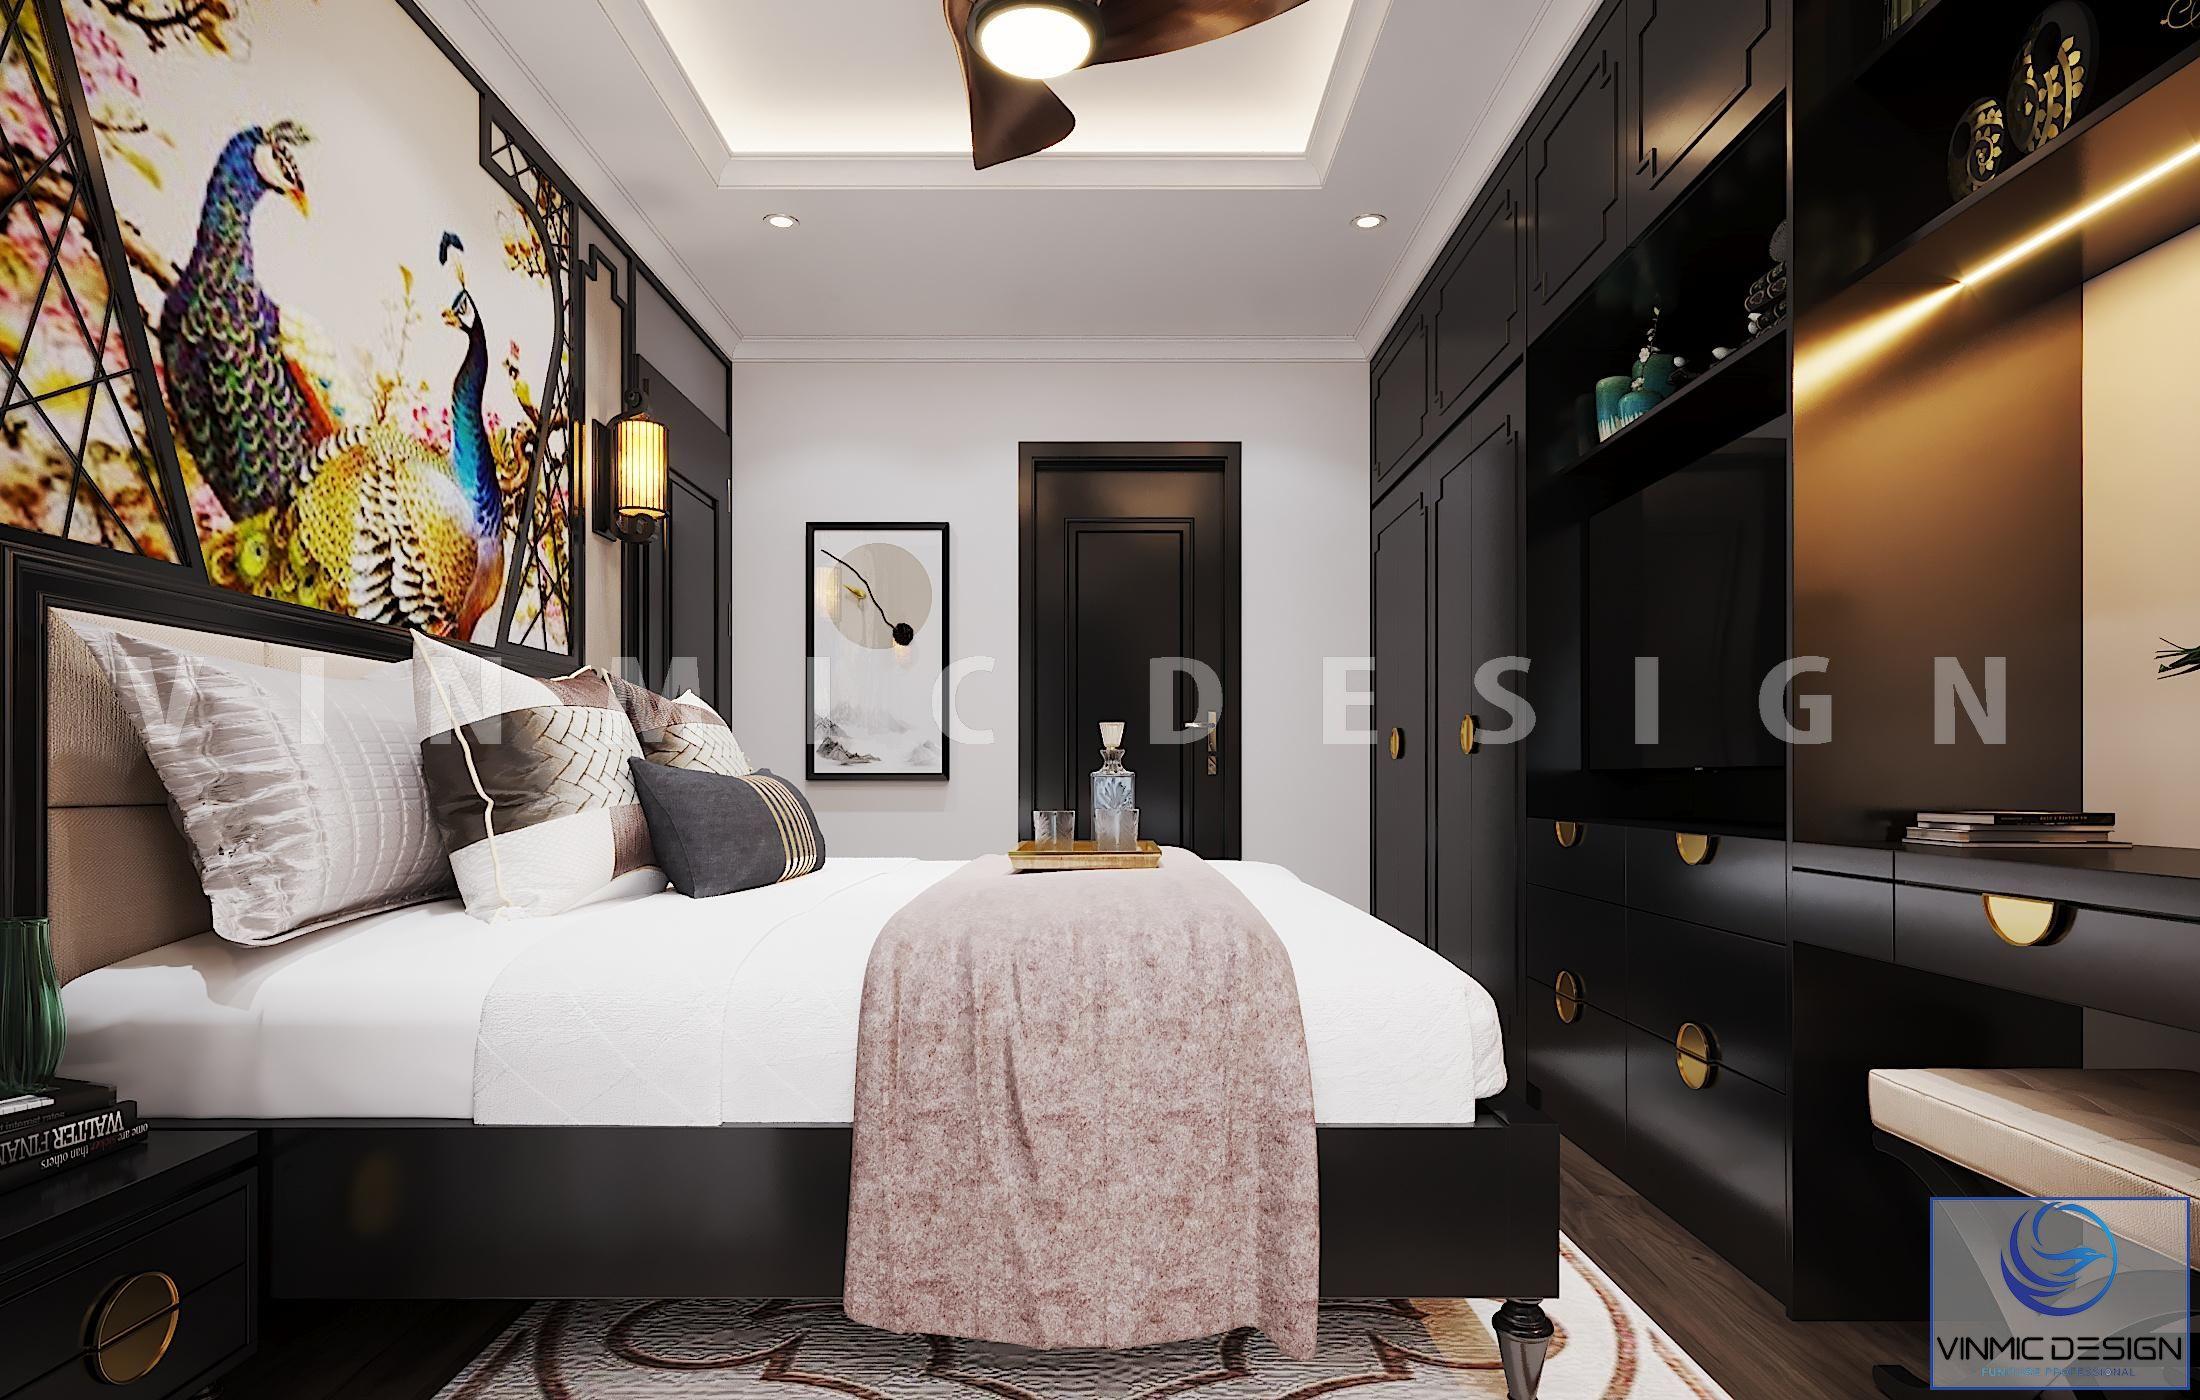 Một góc khác, phòng ngủ có các khoảng không gian hài hòa từ màu sắc đến đồ nội thất phong cách Indochine (Á Đông)